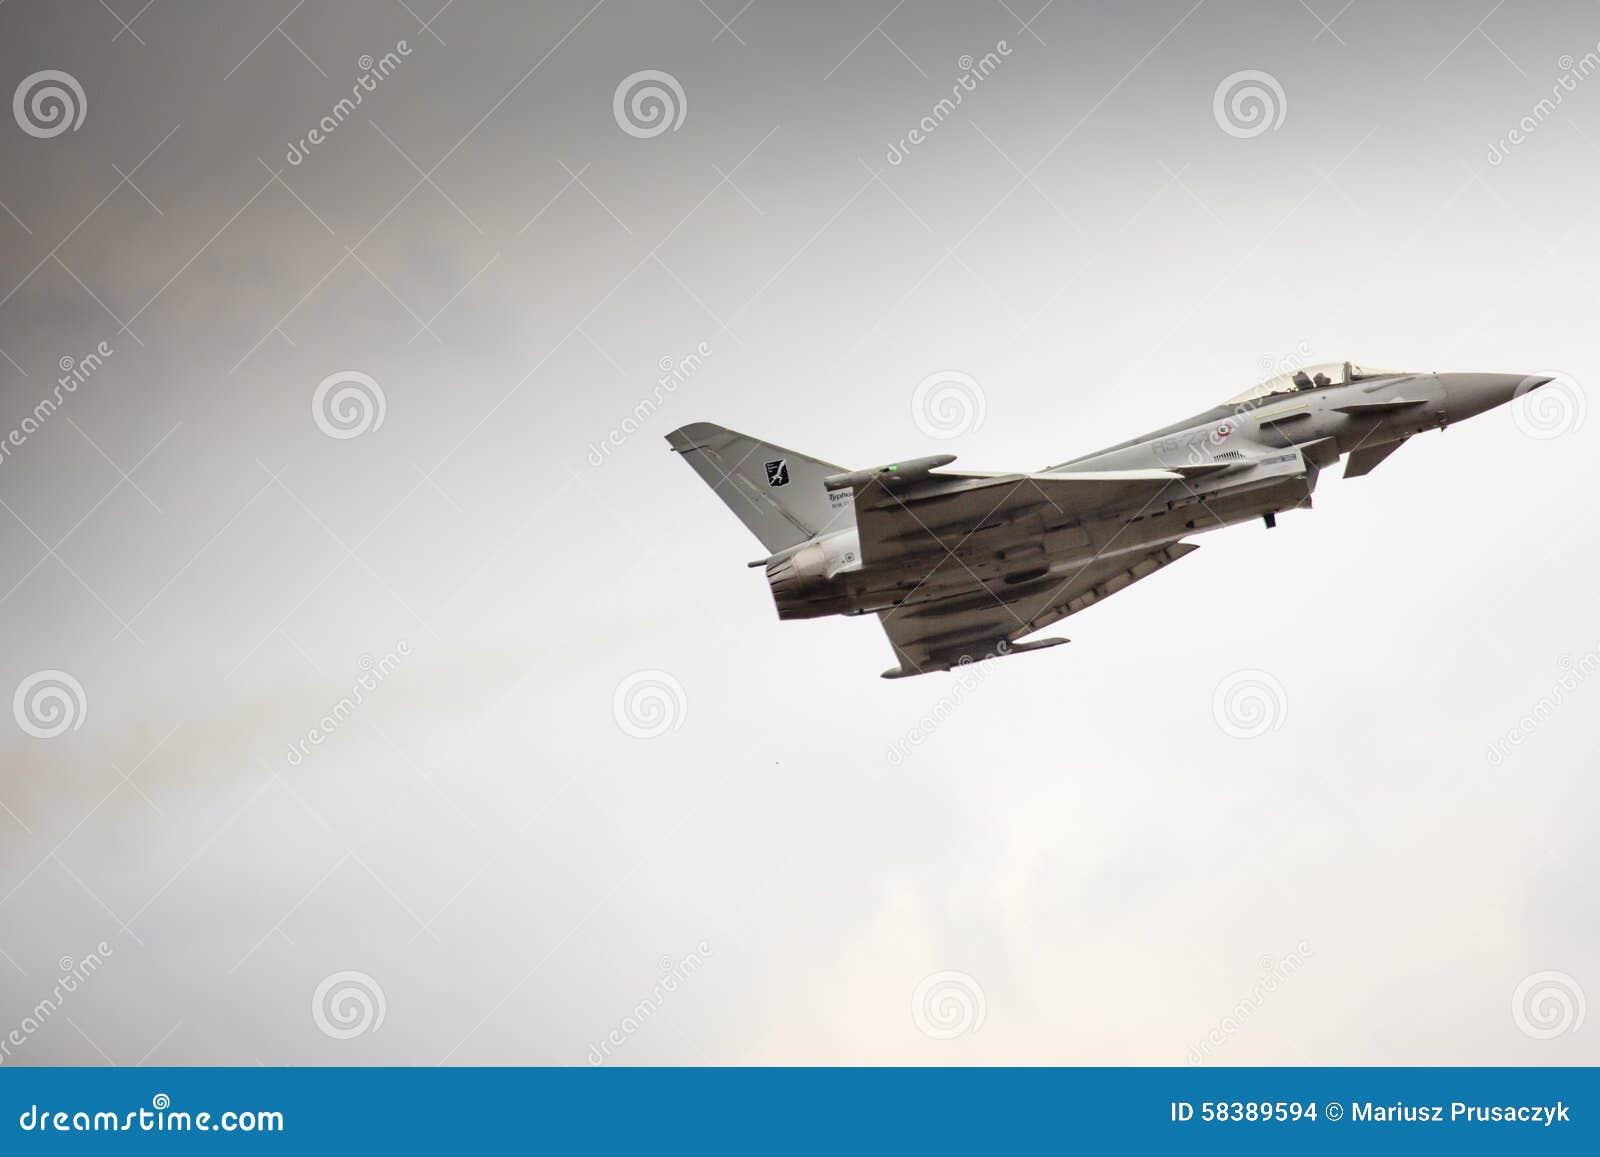 ΡΑΝΤΟΜ, ΠΟΛΩΝΙΑ - 23 ΑΥΓΟΎΣΤΟΥ: Ιταλικός EFA-2000 τυφώνας Eurofighter